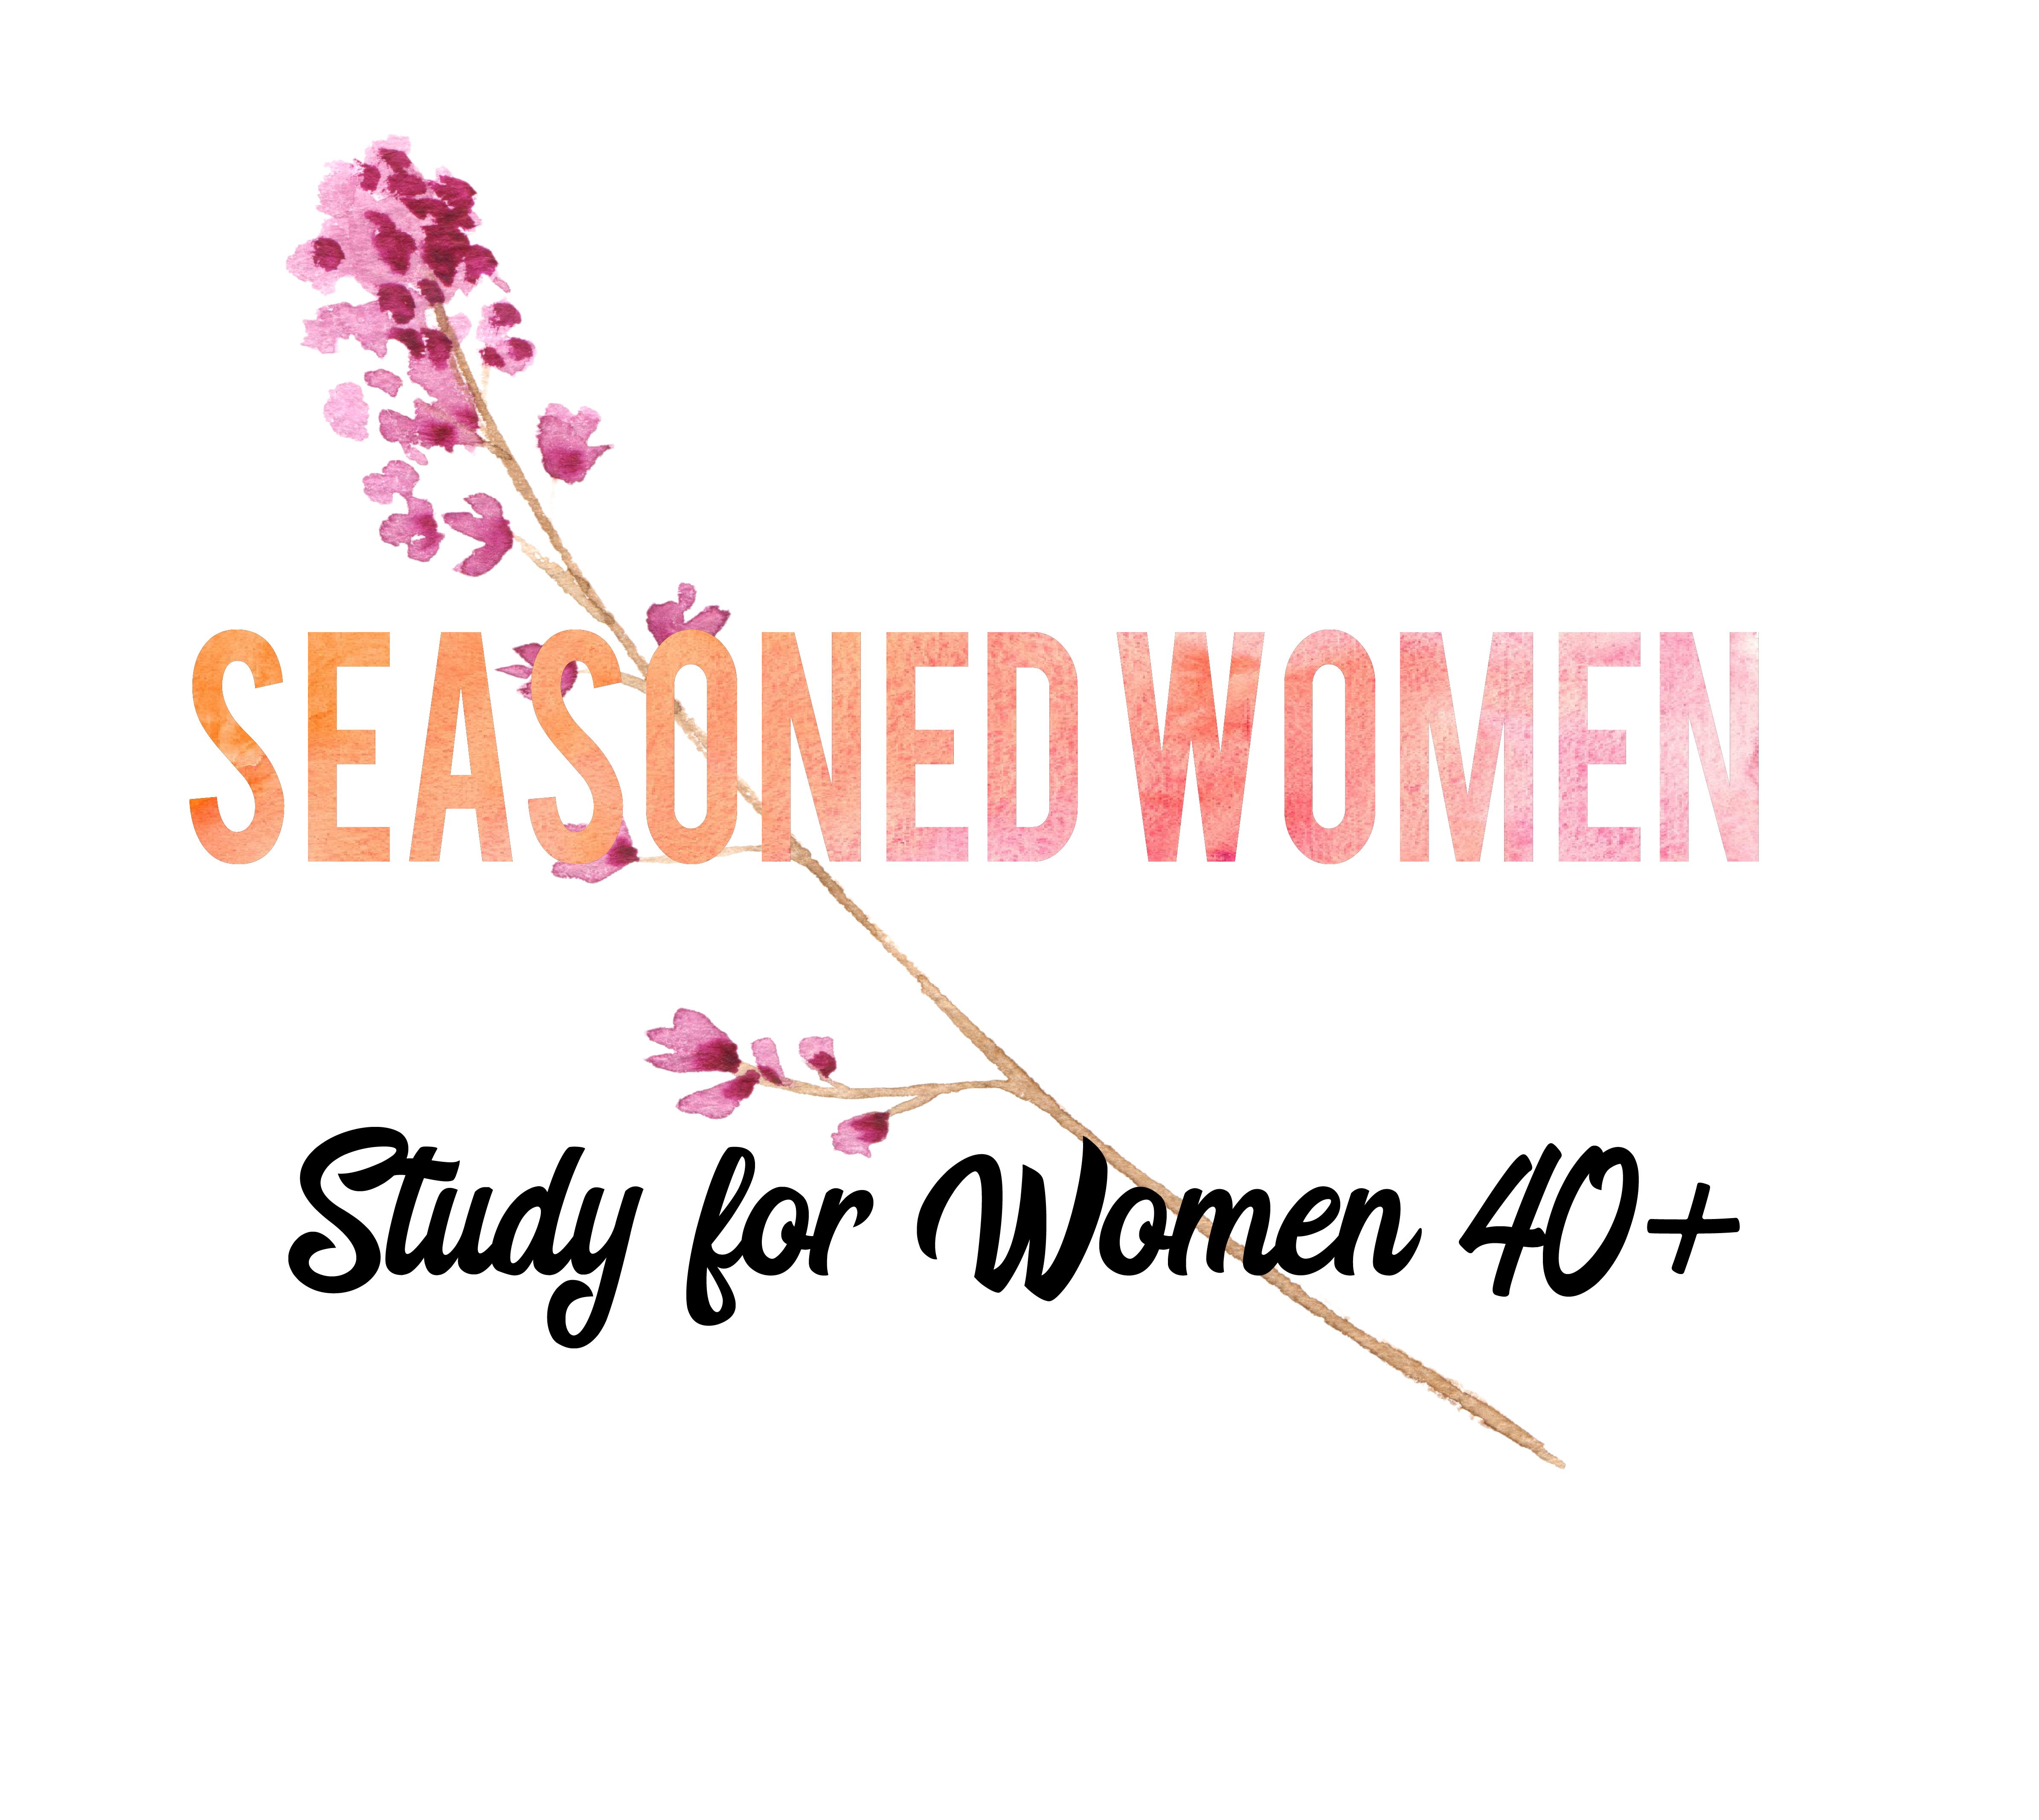 Seasoned Women